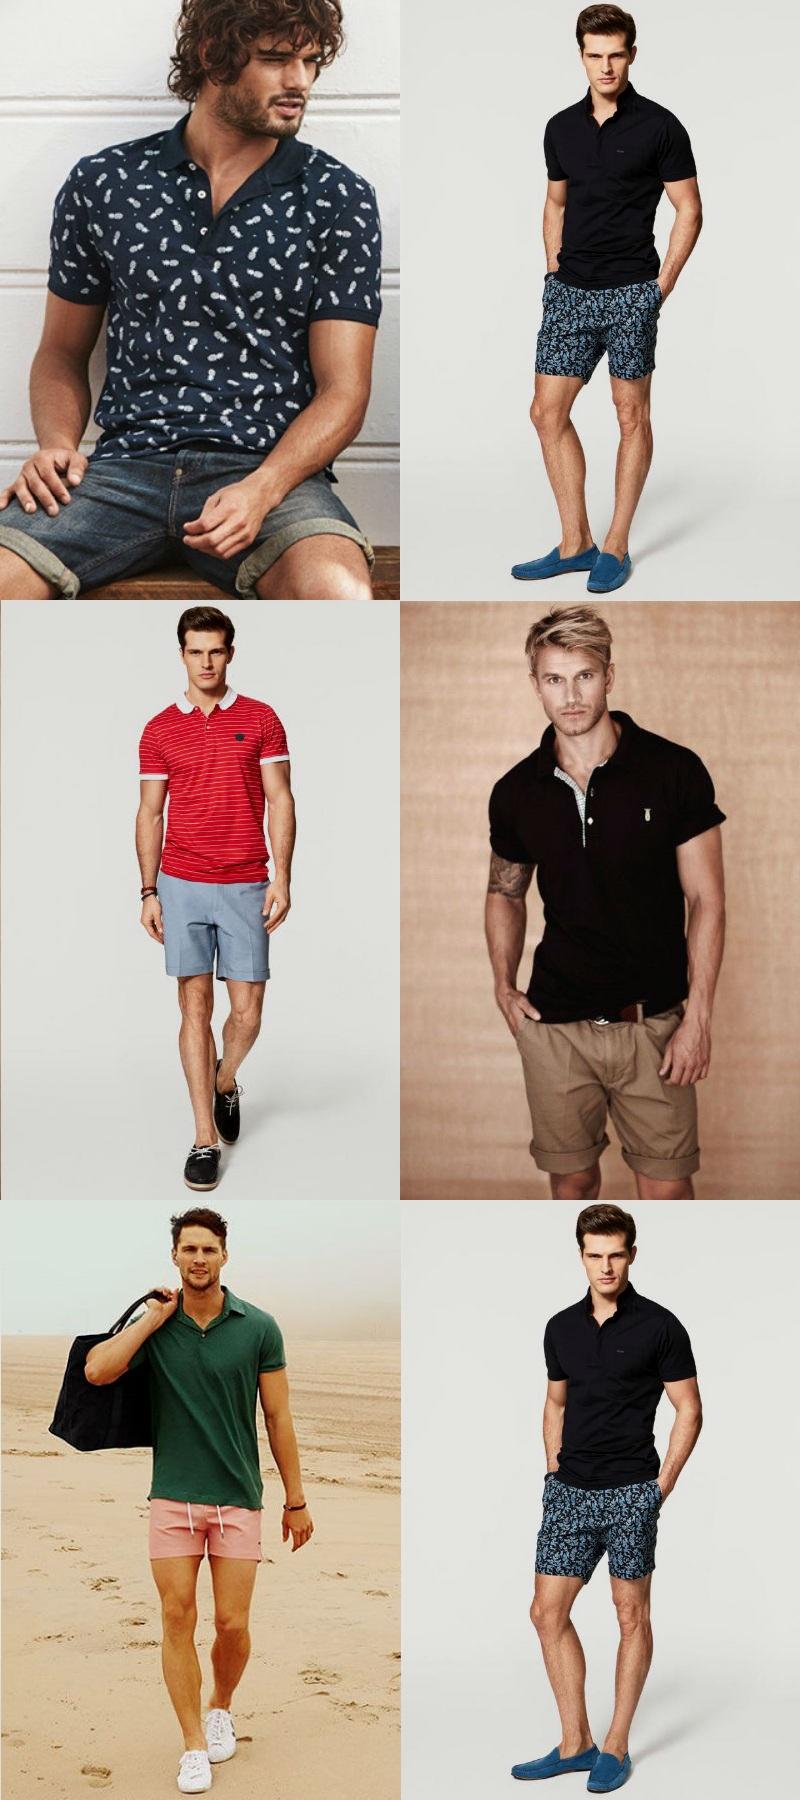 03daf448f Homem No Espelho - Moda casual- bermudas camiseta polo - Homem no ...